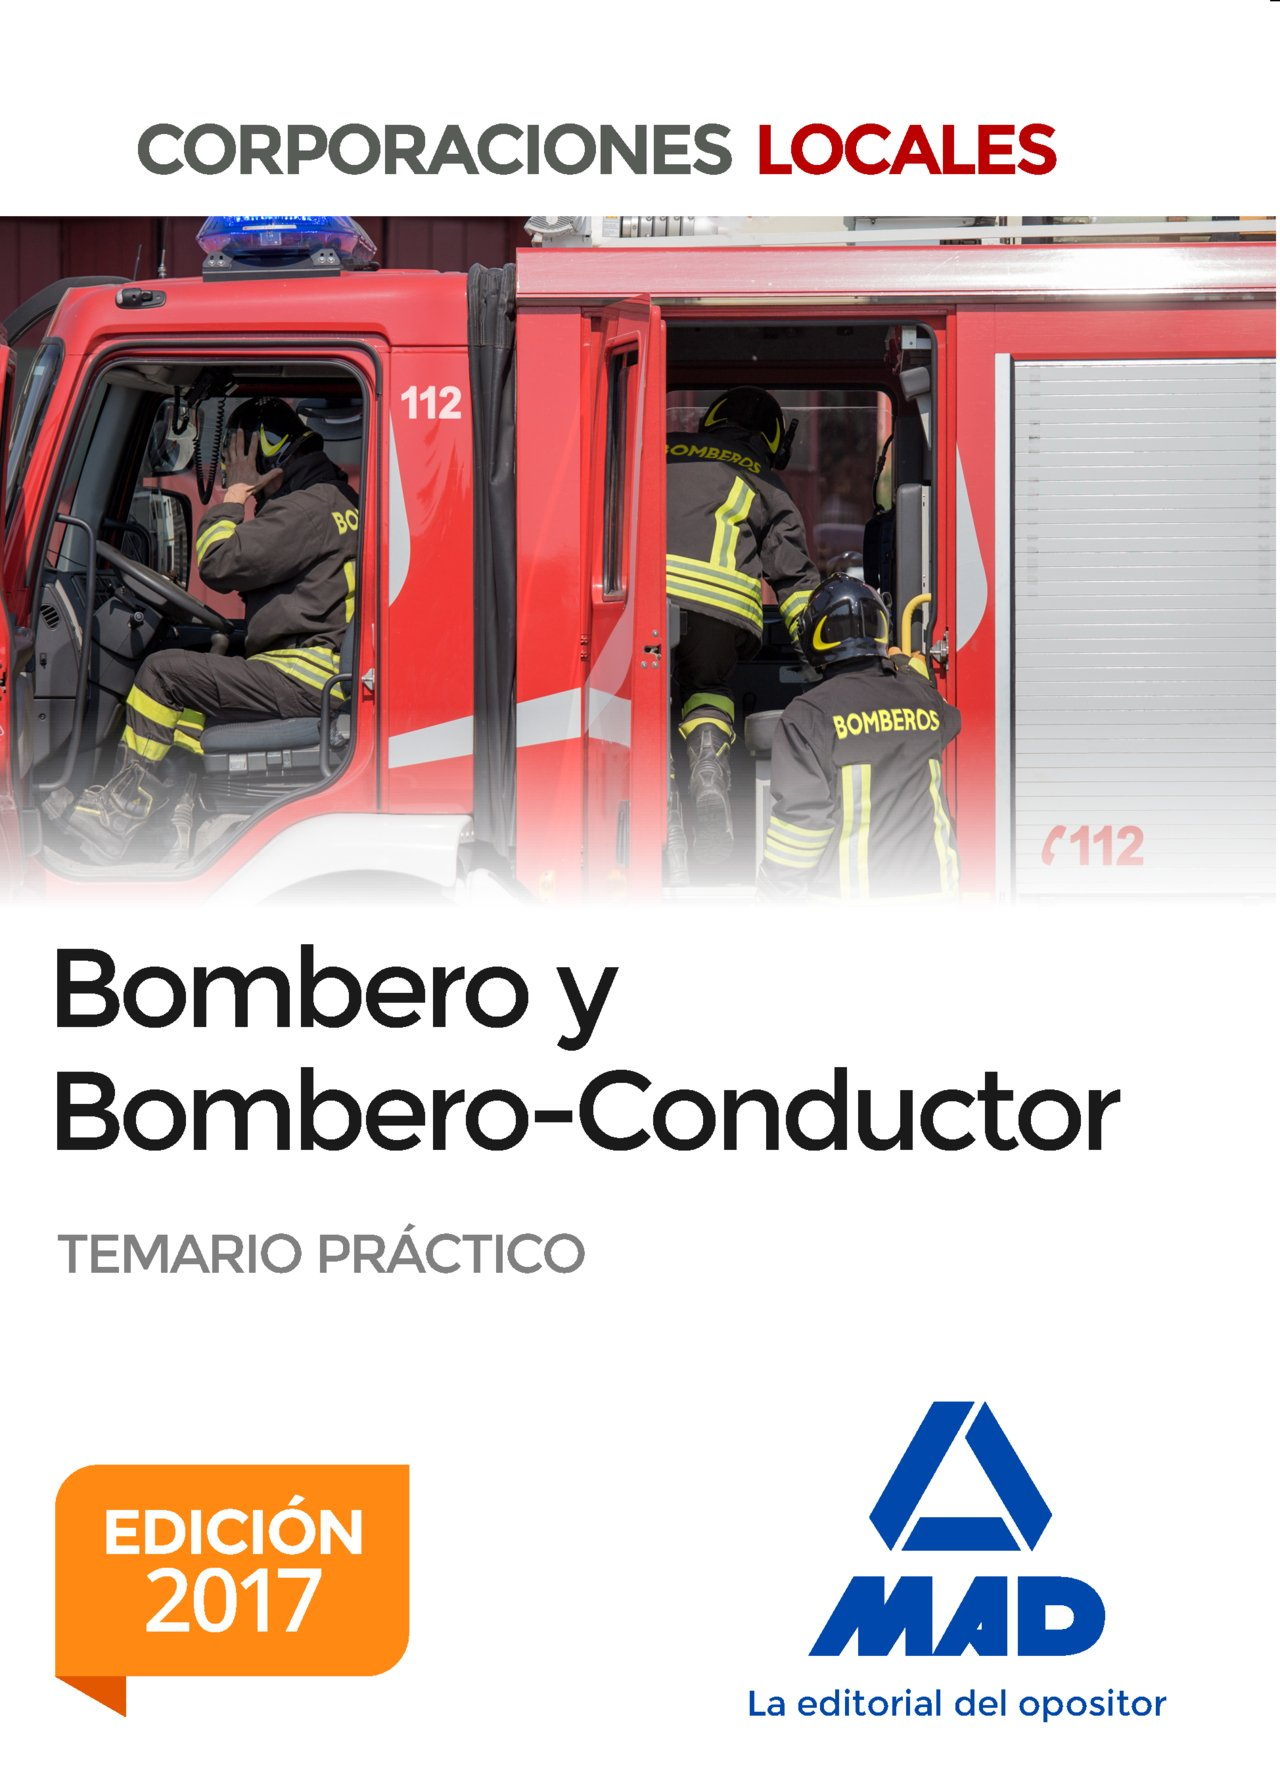 Bombero y Bombero-Conductor. Temario Práctico: Amazon.es: Ruiz de Azua y Antón, Javier, Rodríguez-Solís Gómez-Ibarlucea, J, Silva García, Carmen: Libros